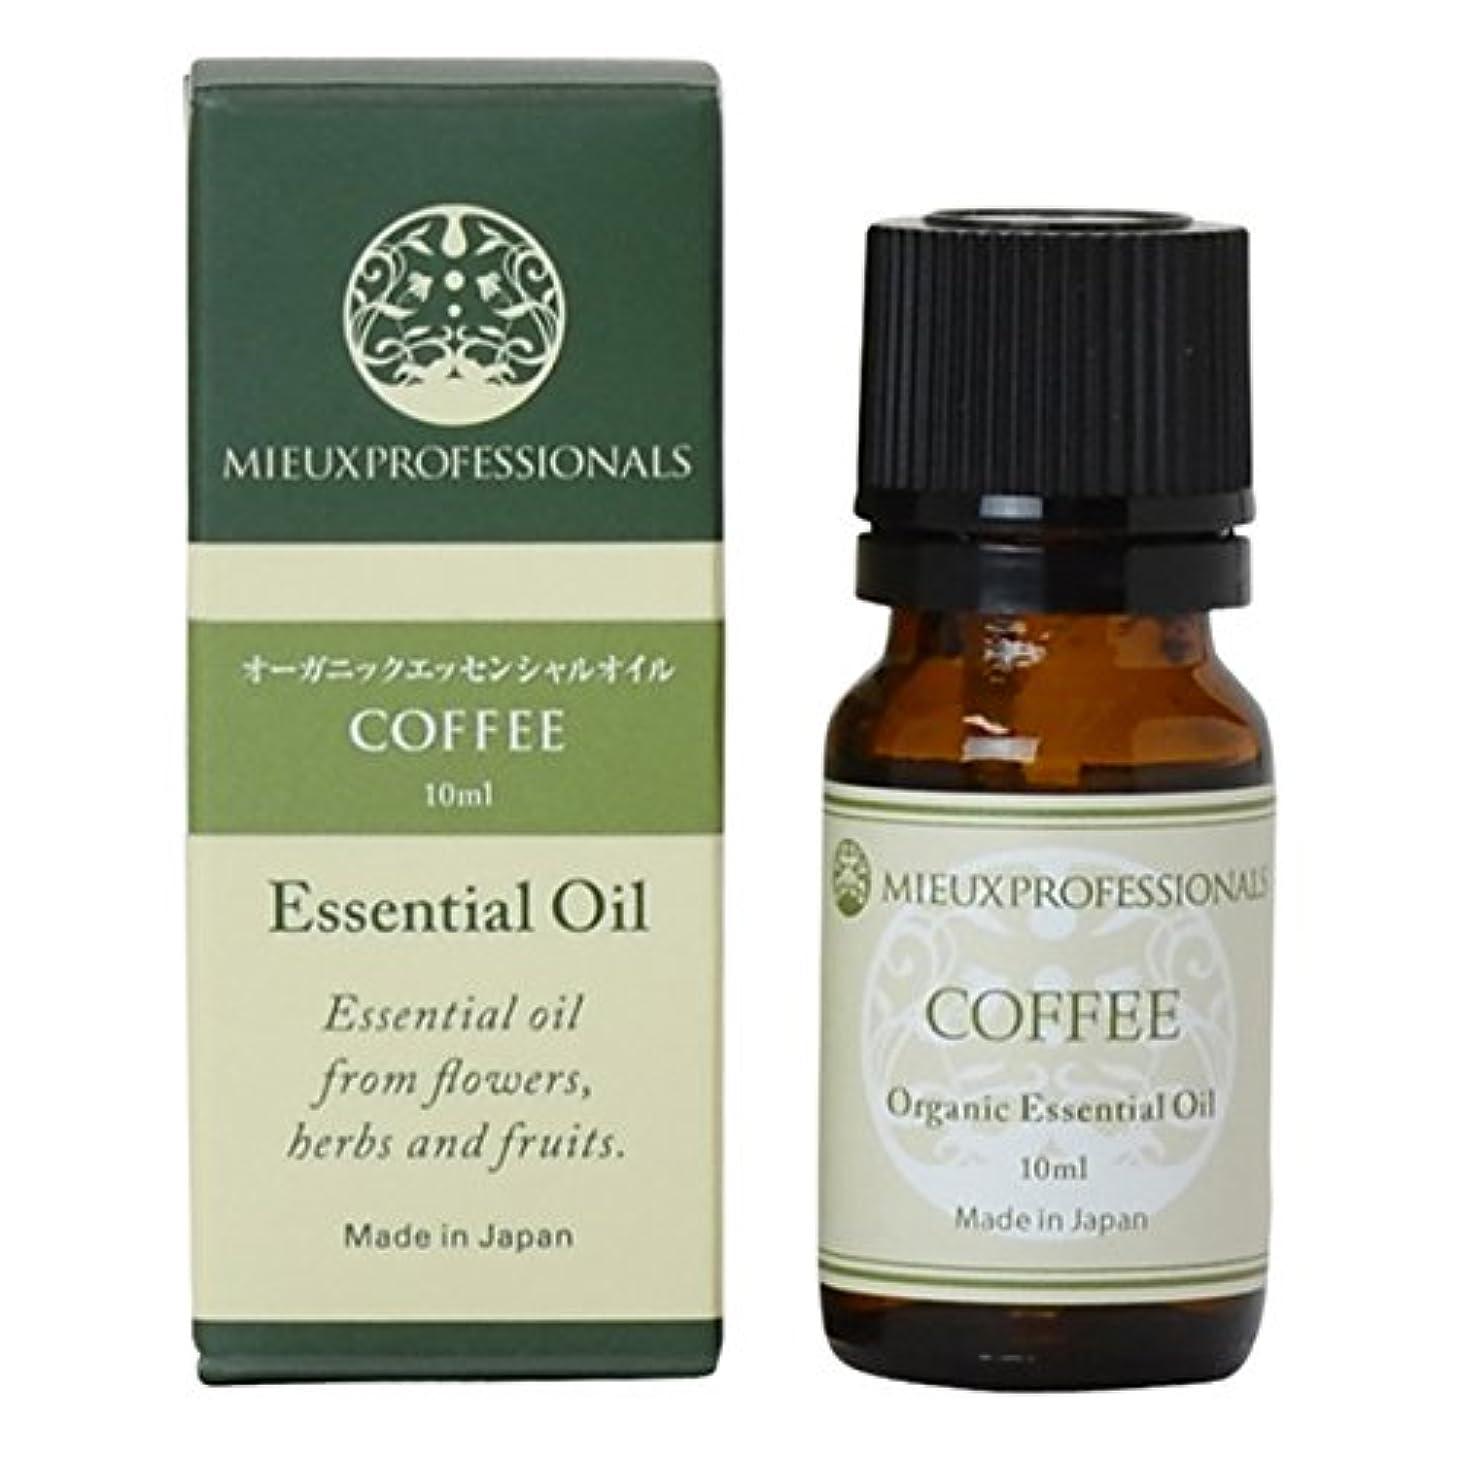 見分ける自分の力ですべてをする危険を冒しますオーガニックCO2エキストラクト コーヒー 10ml